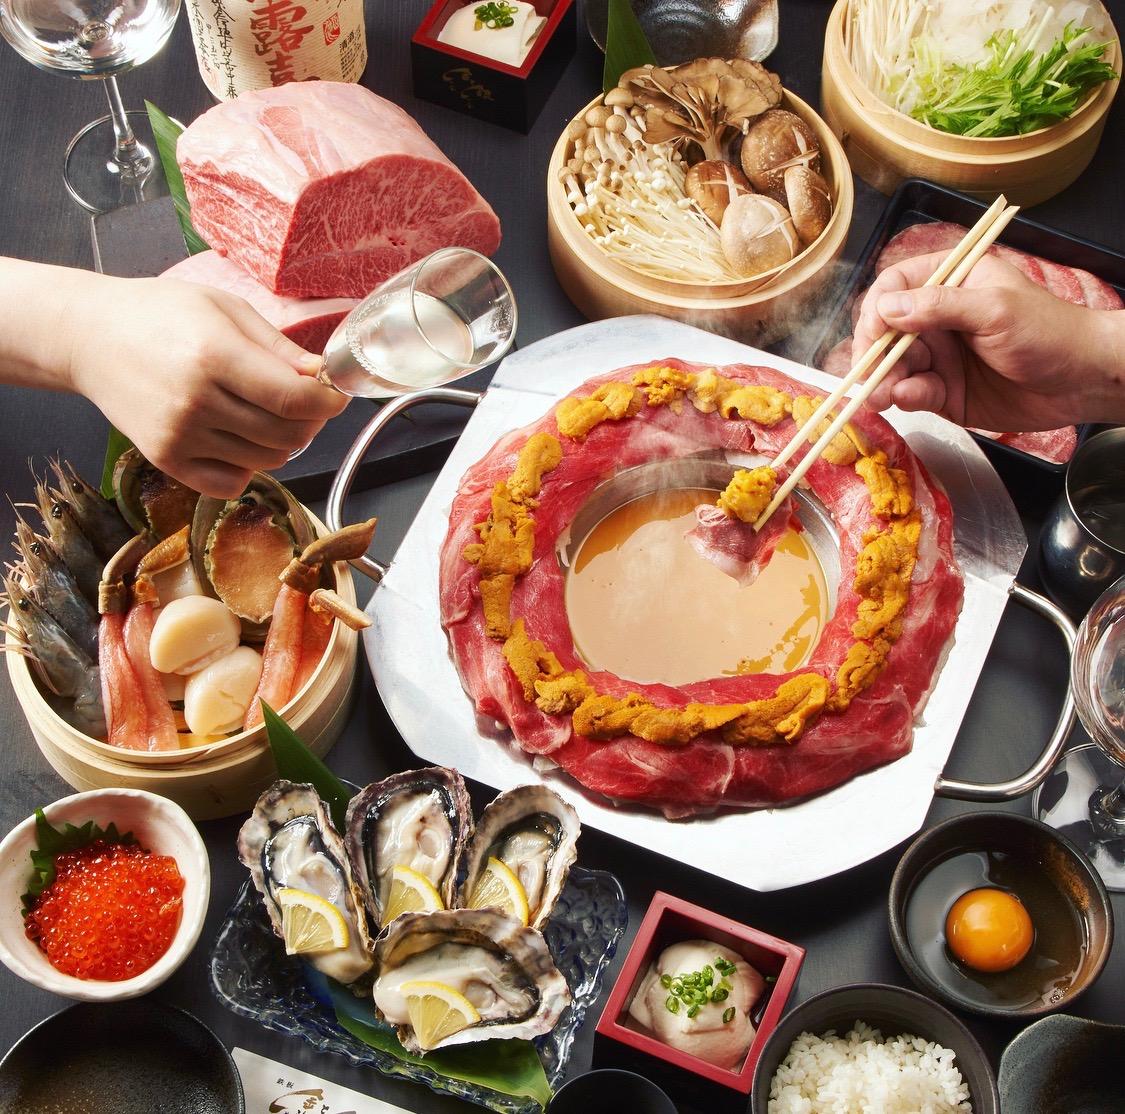 父の日ギフトに食事券を贈ろう。福島で堪能する絶品グルメ